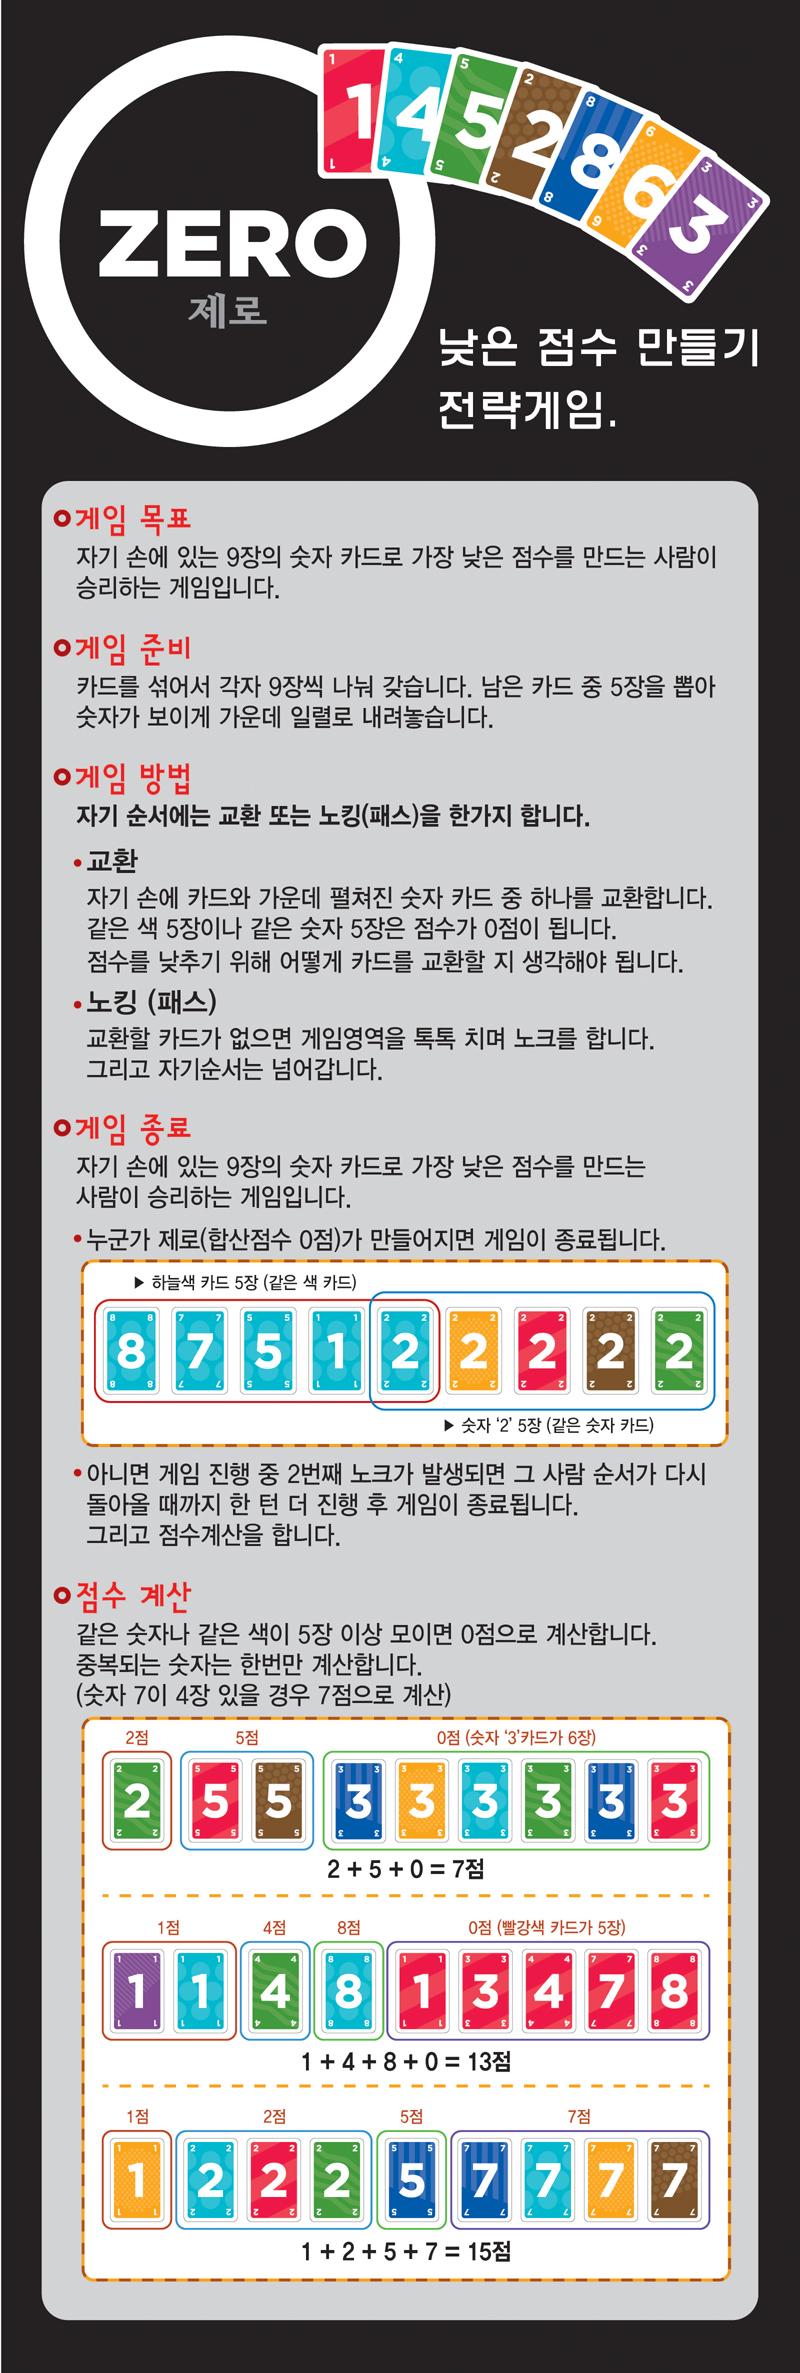 제로 /보드게임 한글판정품 - 피에스컴퍼니, 16,100원, 보드게임, 두뇌 게임